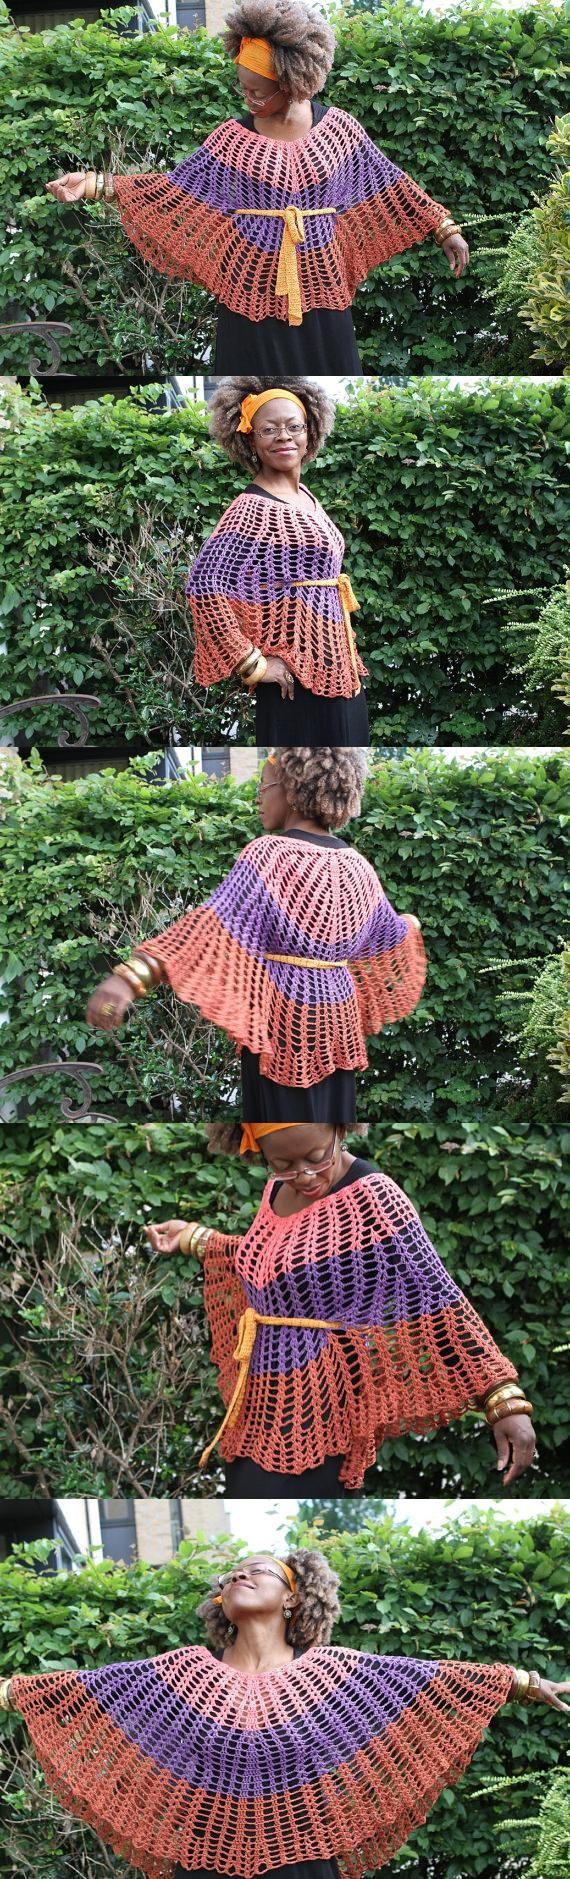 Poncho de ganchillo / tricolor superior de encaje (si se usa con el cinturón) .vintage mira colores son el óxido n rosa, púrpura.  100% hilo de bambú: Raíces.